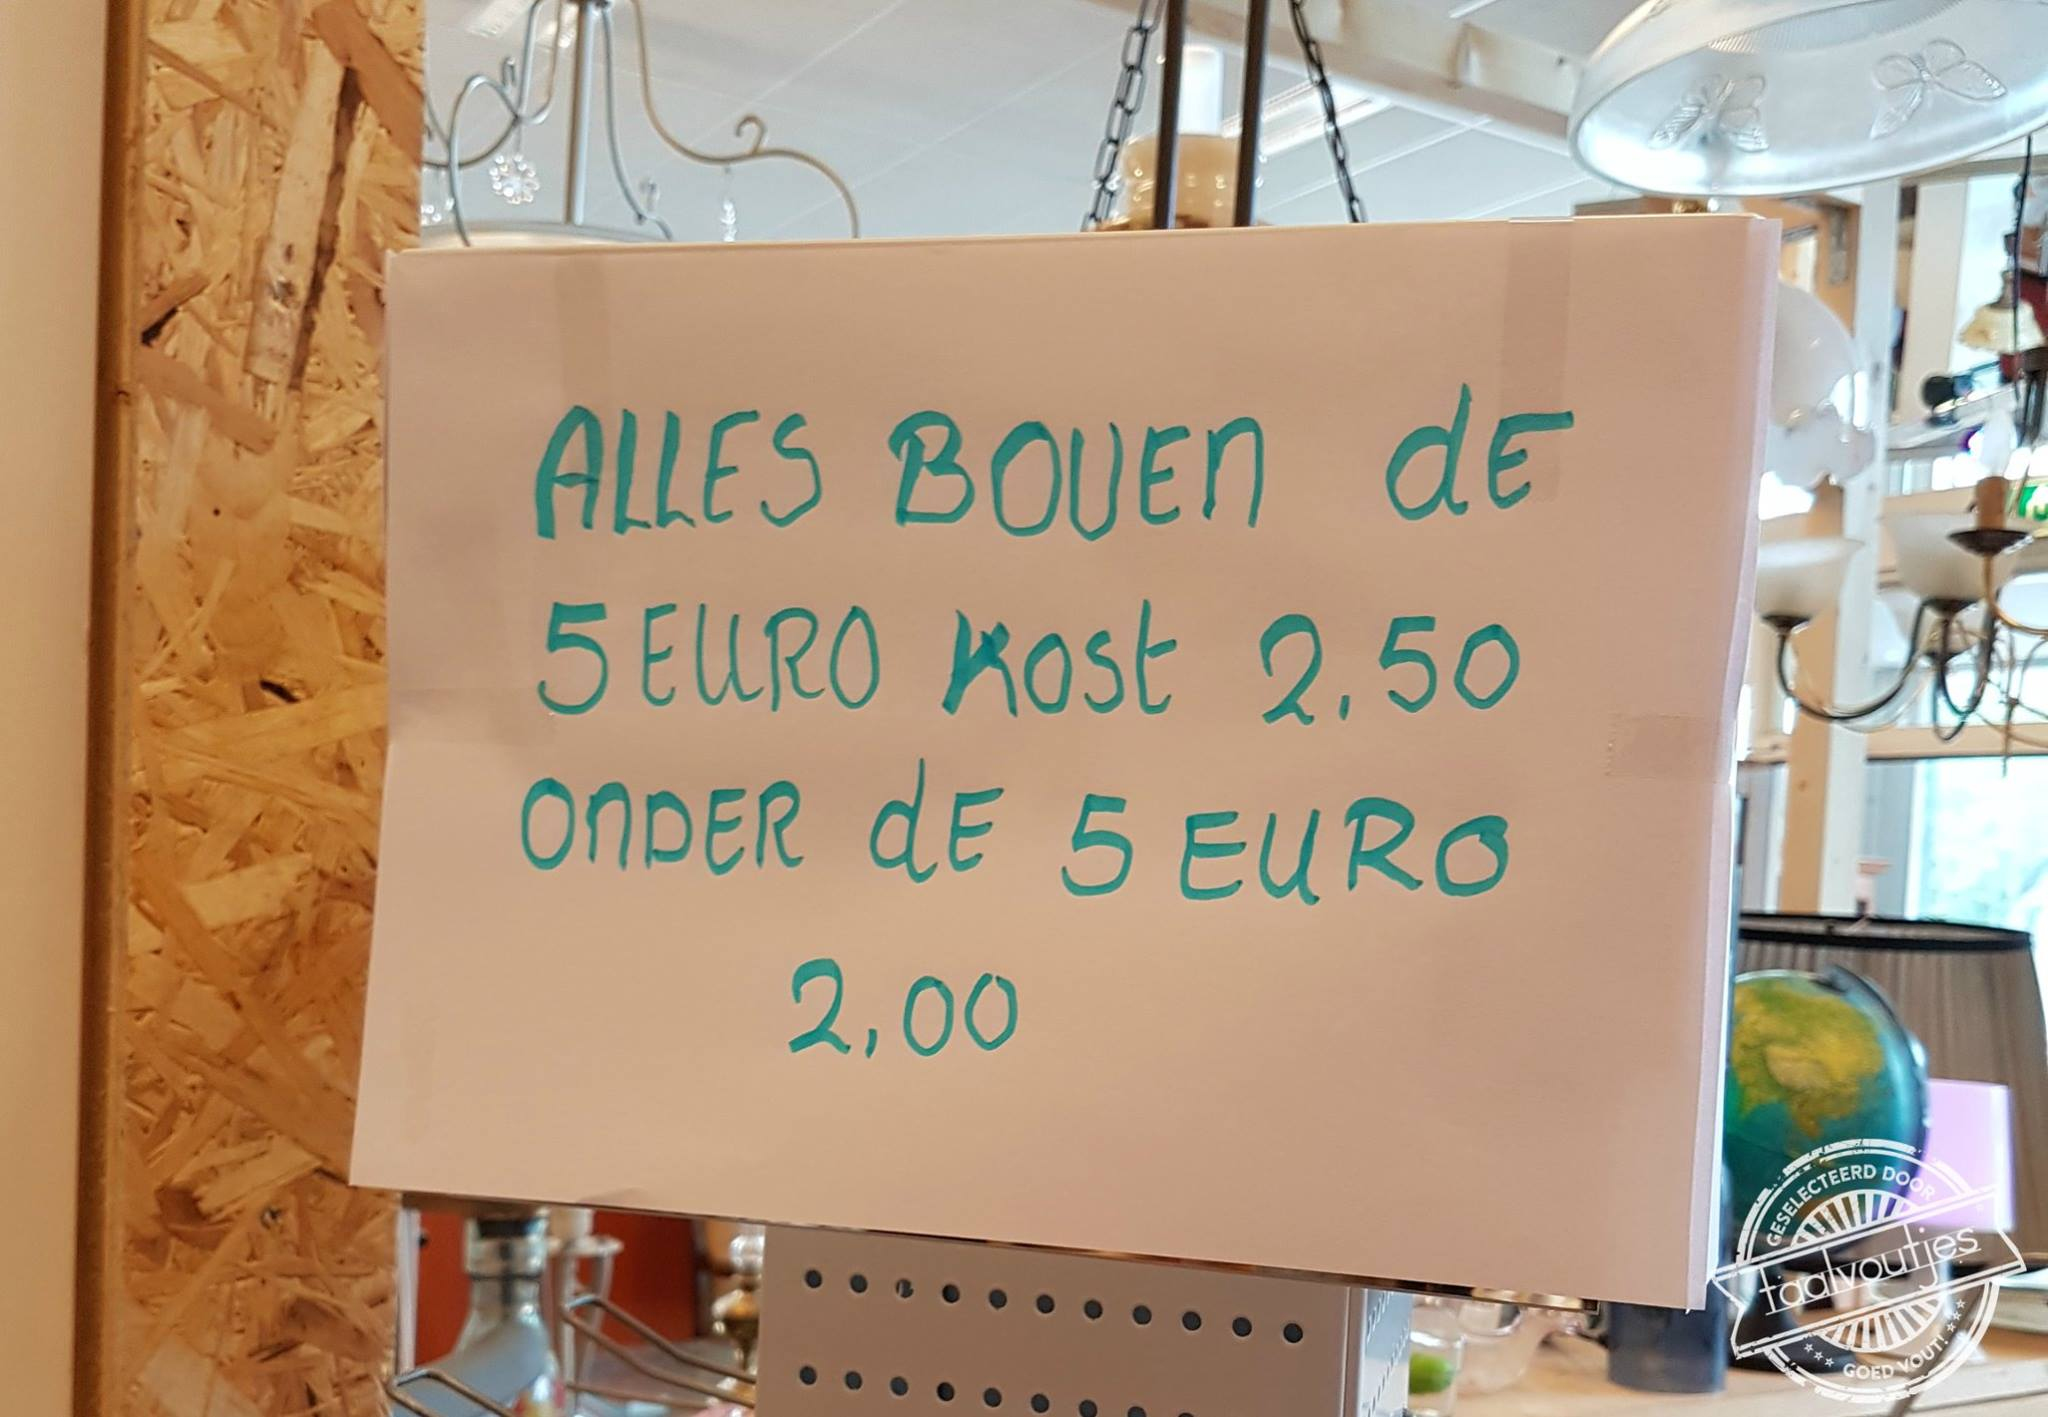 alles boven de 5 euro kost 2.50 onder de 5 euro 2.00